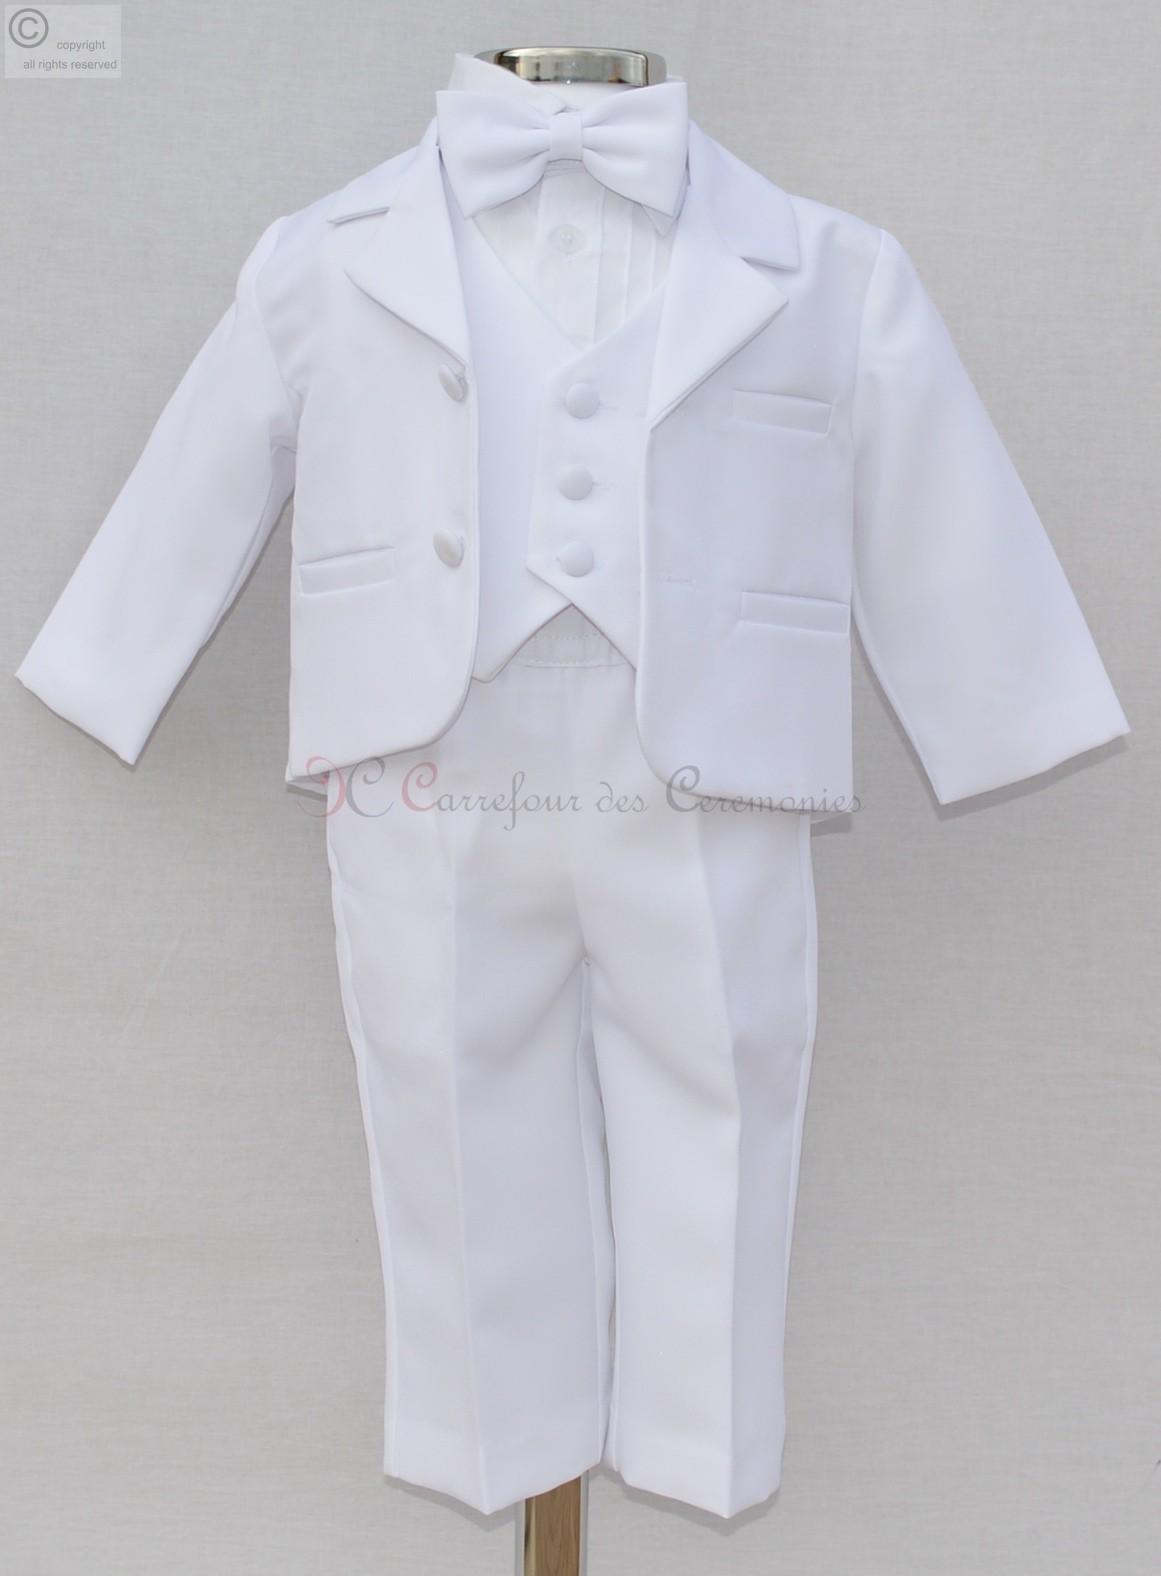 Robe de bapteme blanche 6 mois